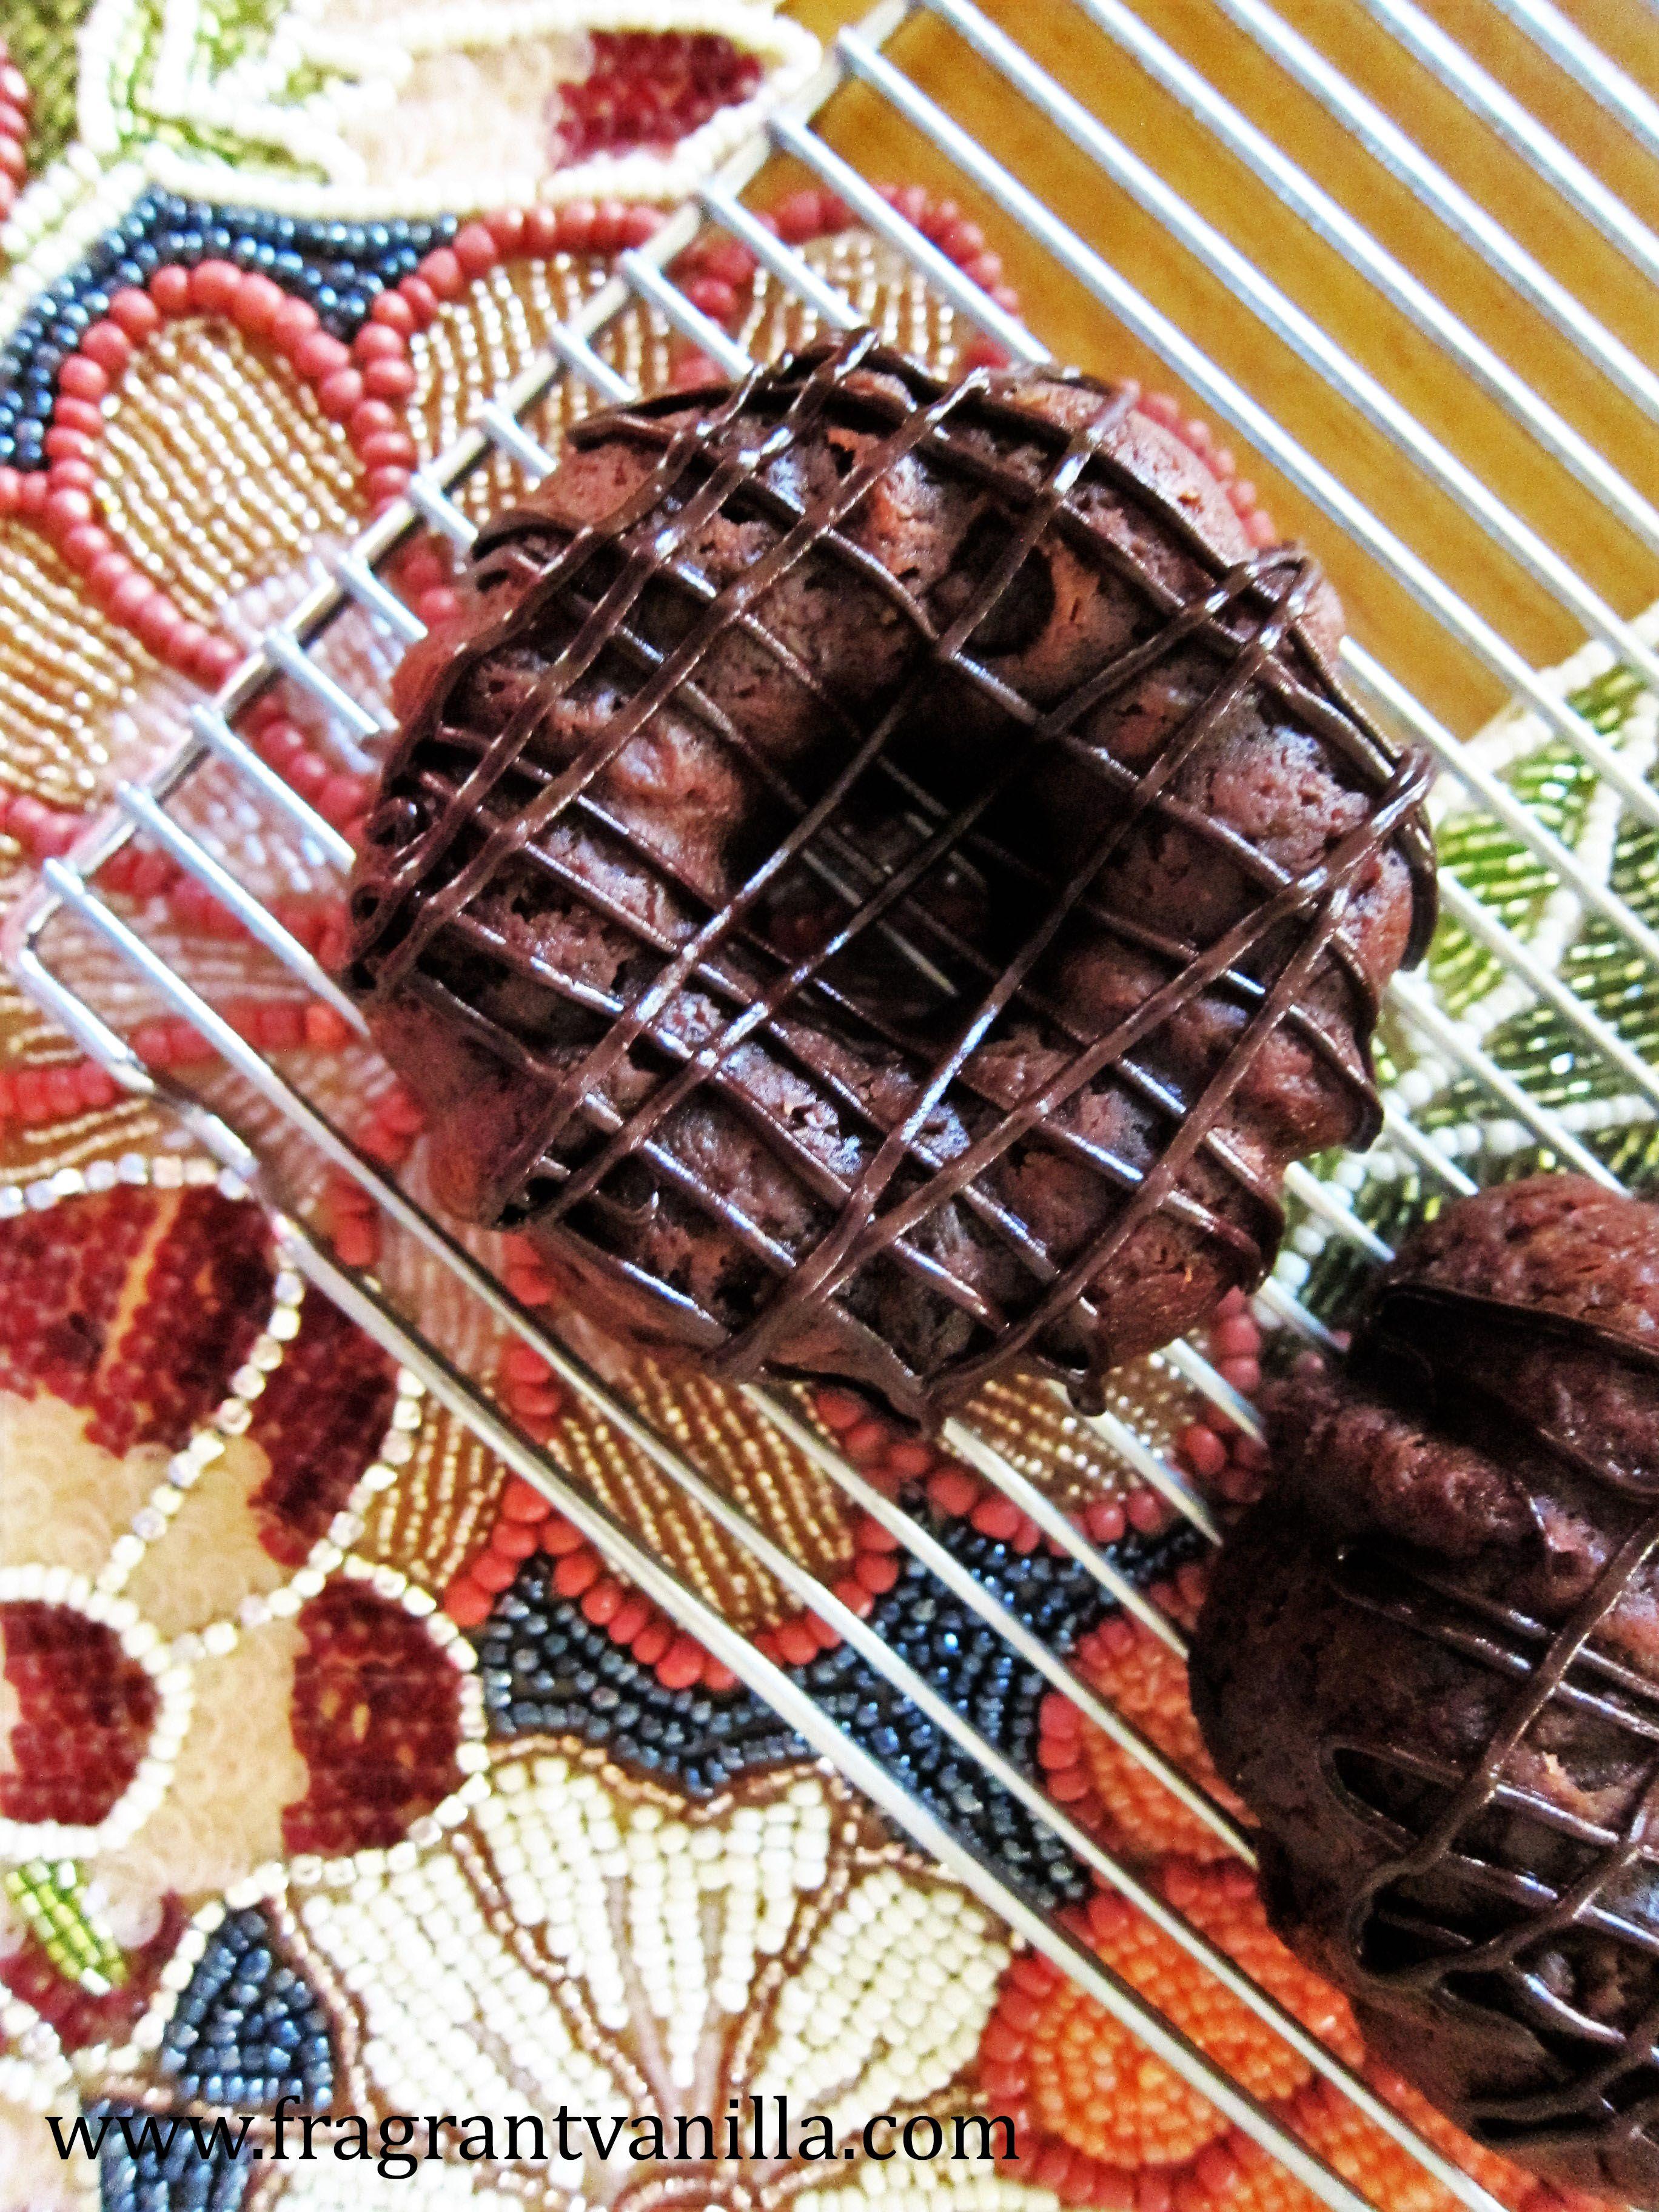 Mini Vegan Dark Chocolate Fig Cakes (With images) Vegan